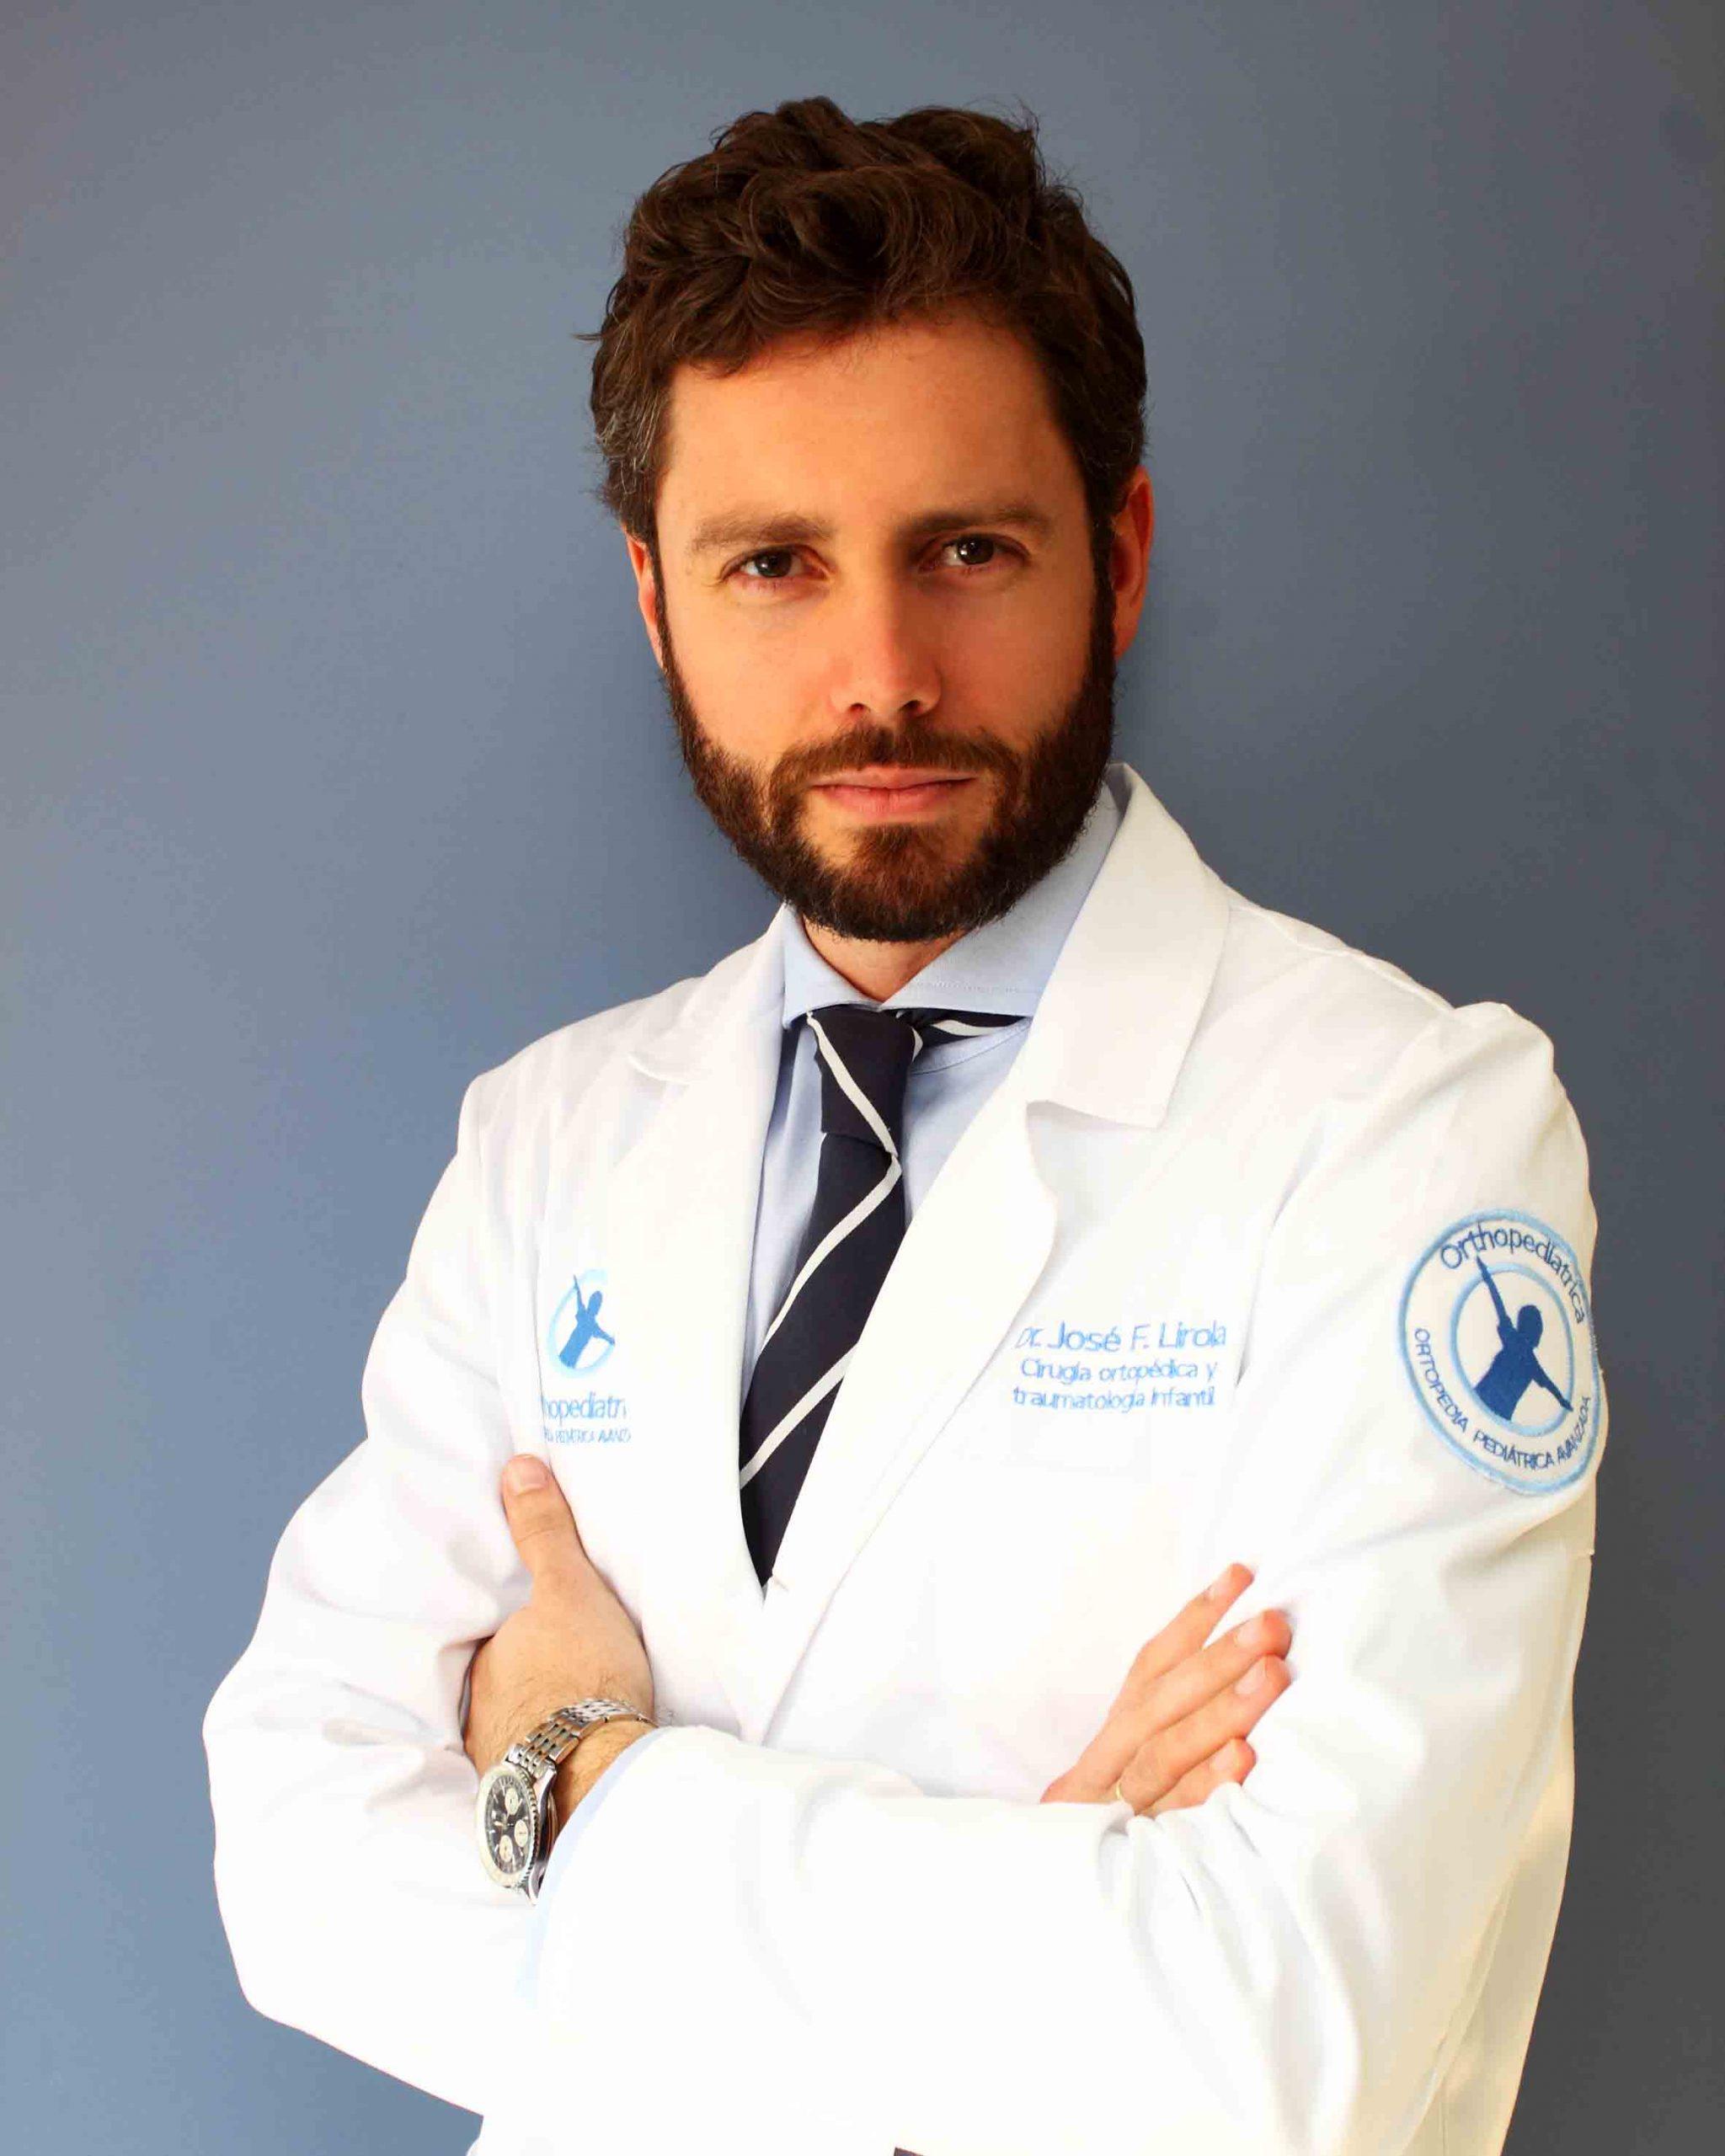 Jose F. Lirola, MD